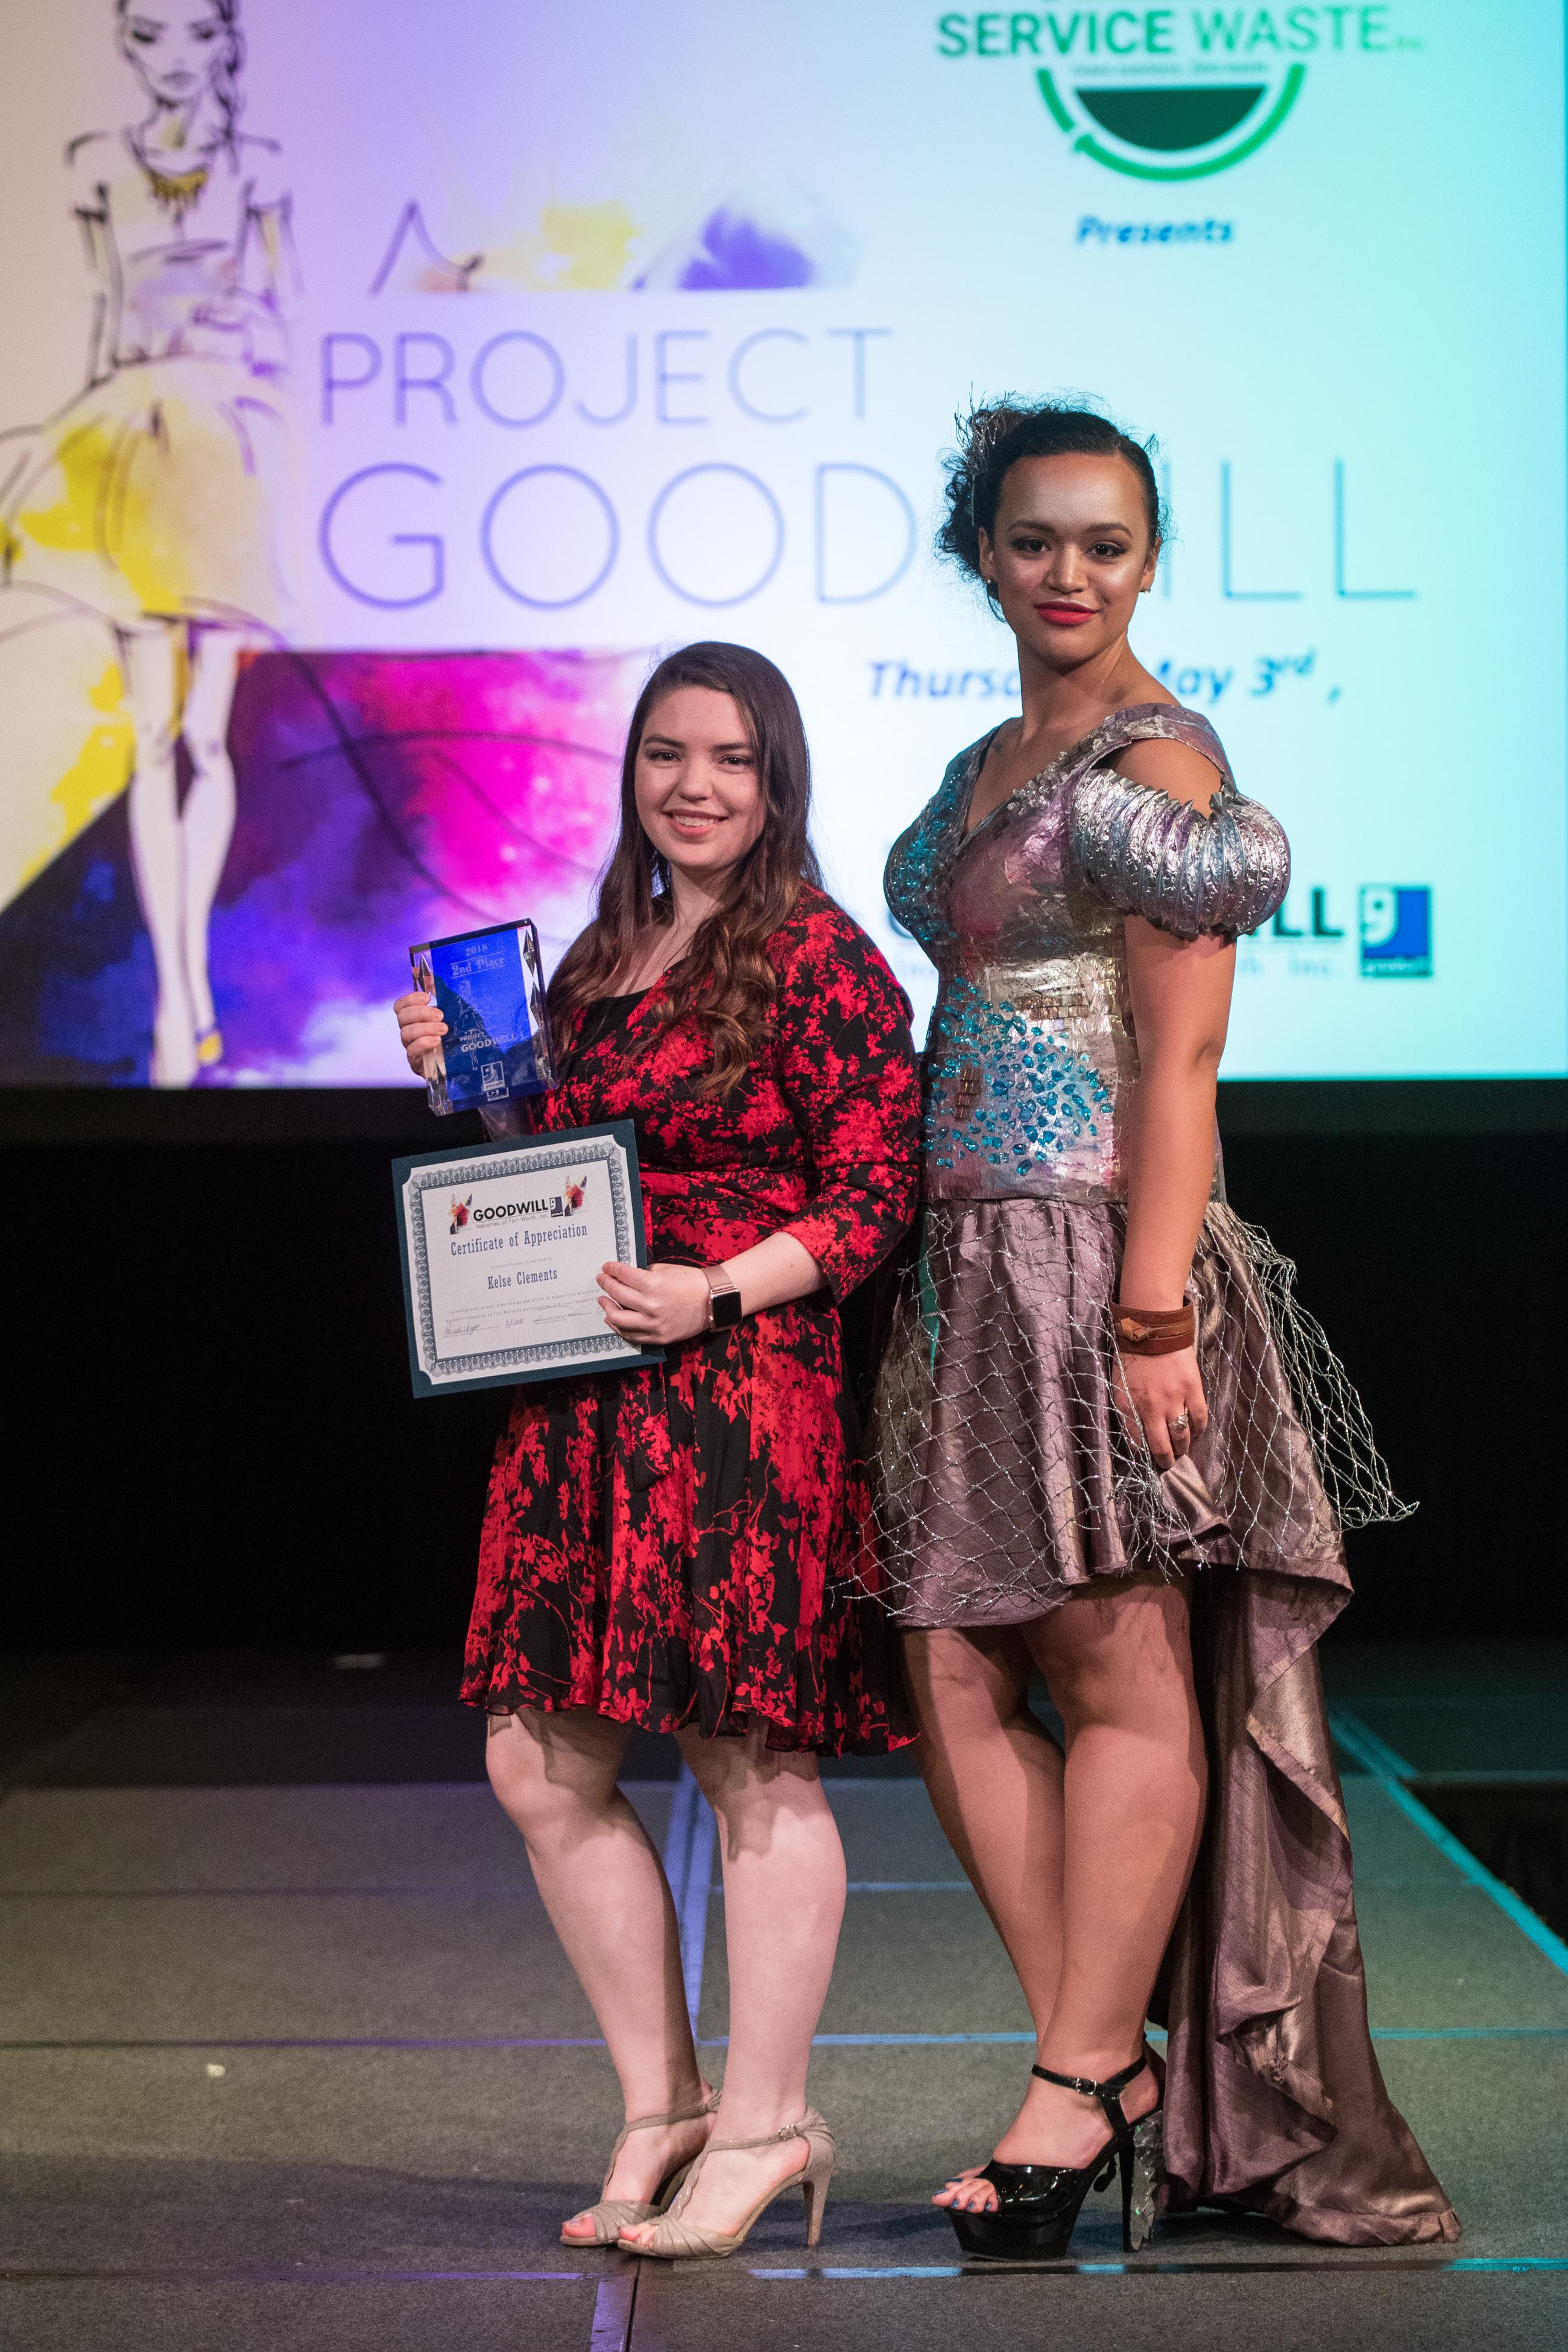 Second Place - Designer Kelse Clements and model Krystal Joiner